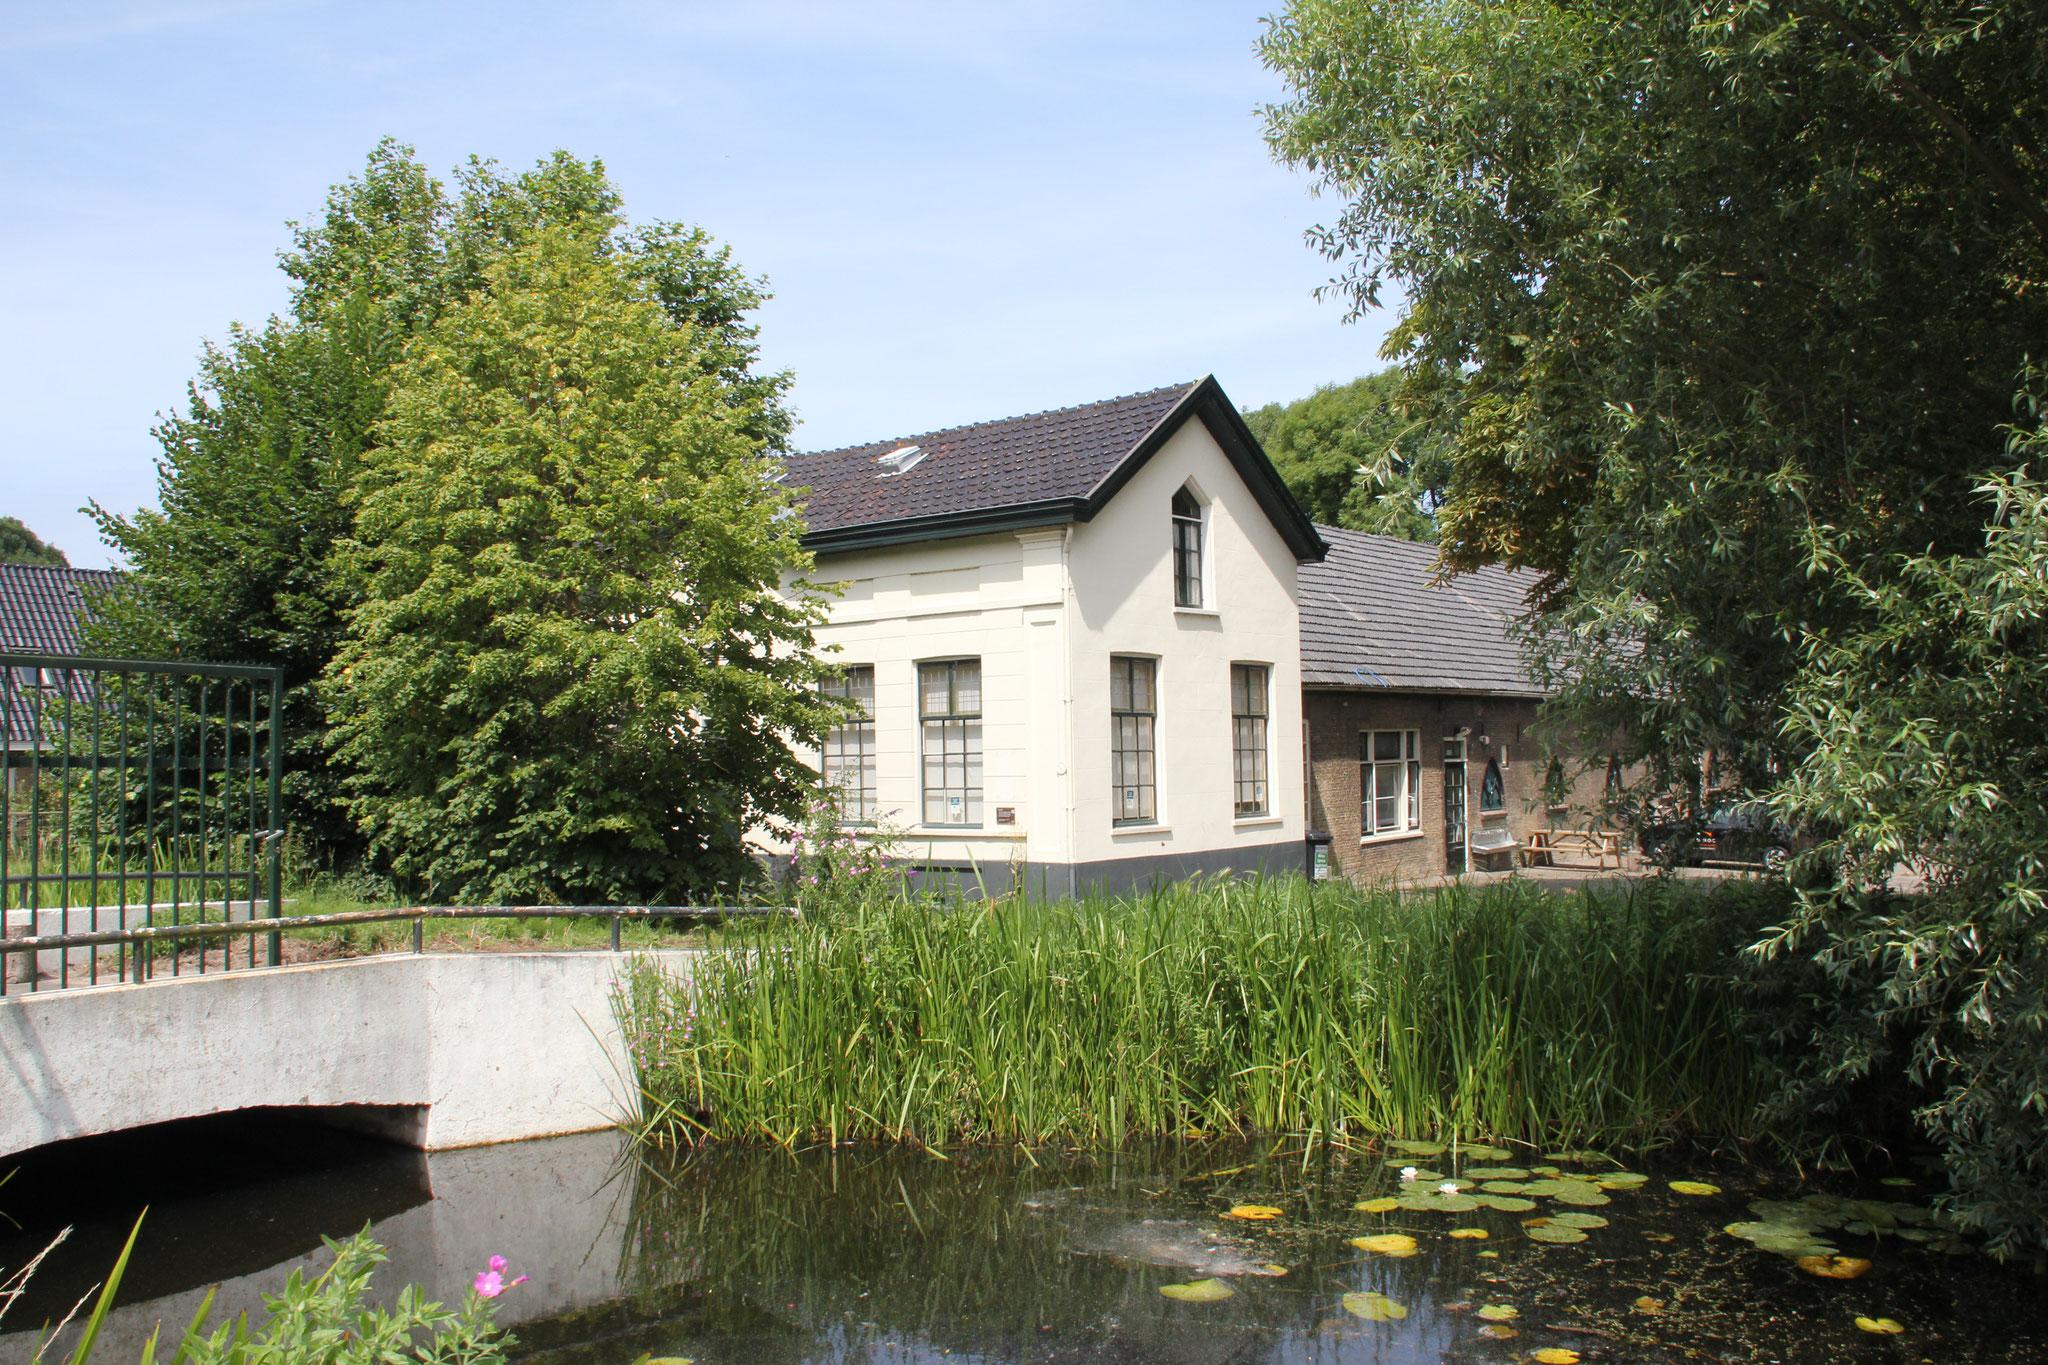 Huis gezien vanaf de overzijde van de wetering